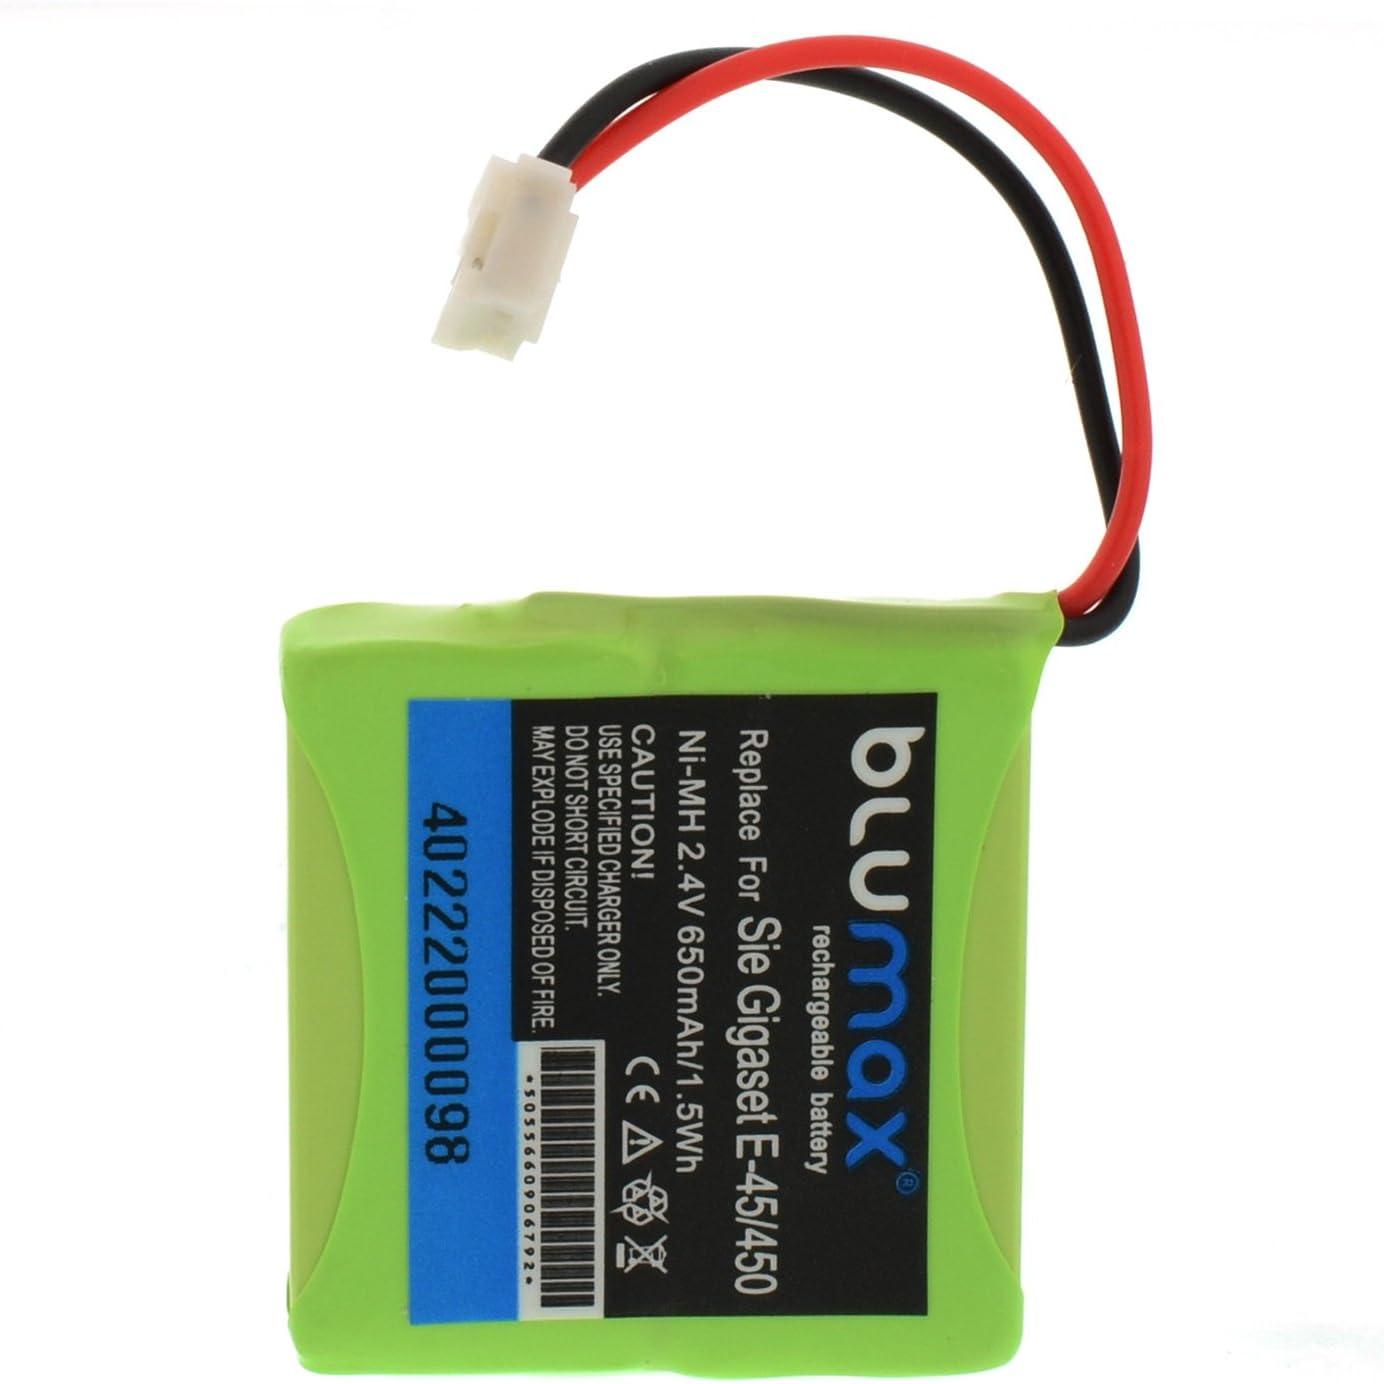 Blumax V30145-K1310-X382 - Batería para Siemens Gigaset E455/ECO E-45/E-450/E-455 (Ni-Mh, 650 mAh): Amazon.es: Electrónica